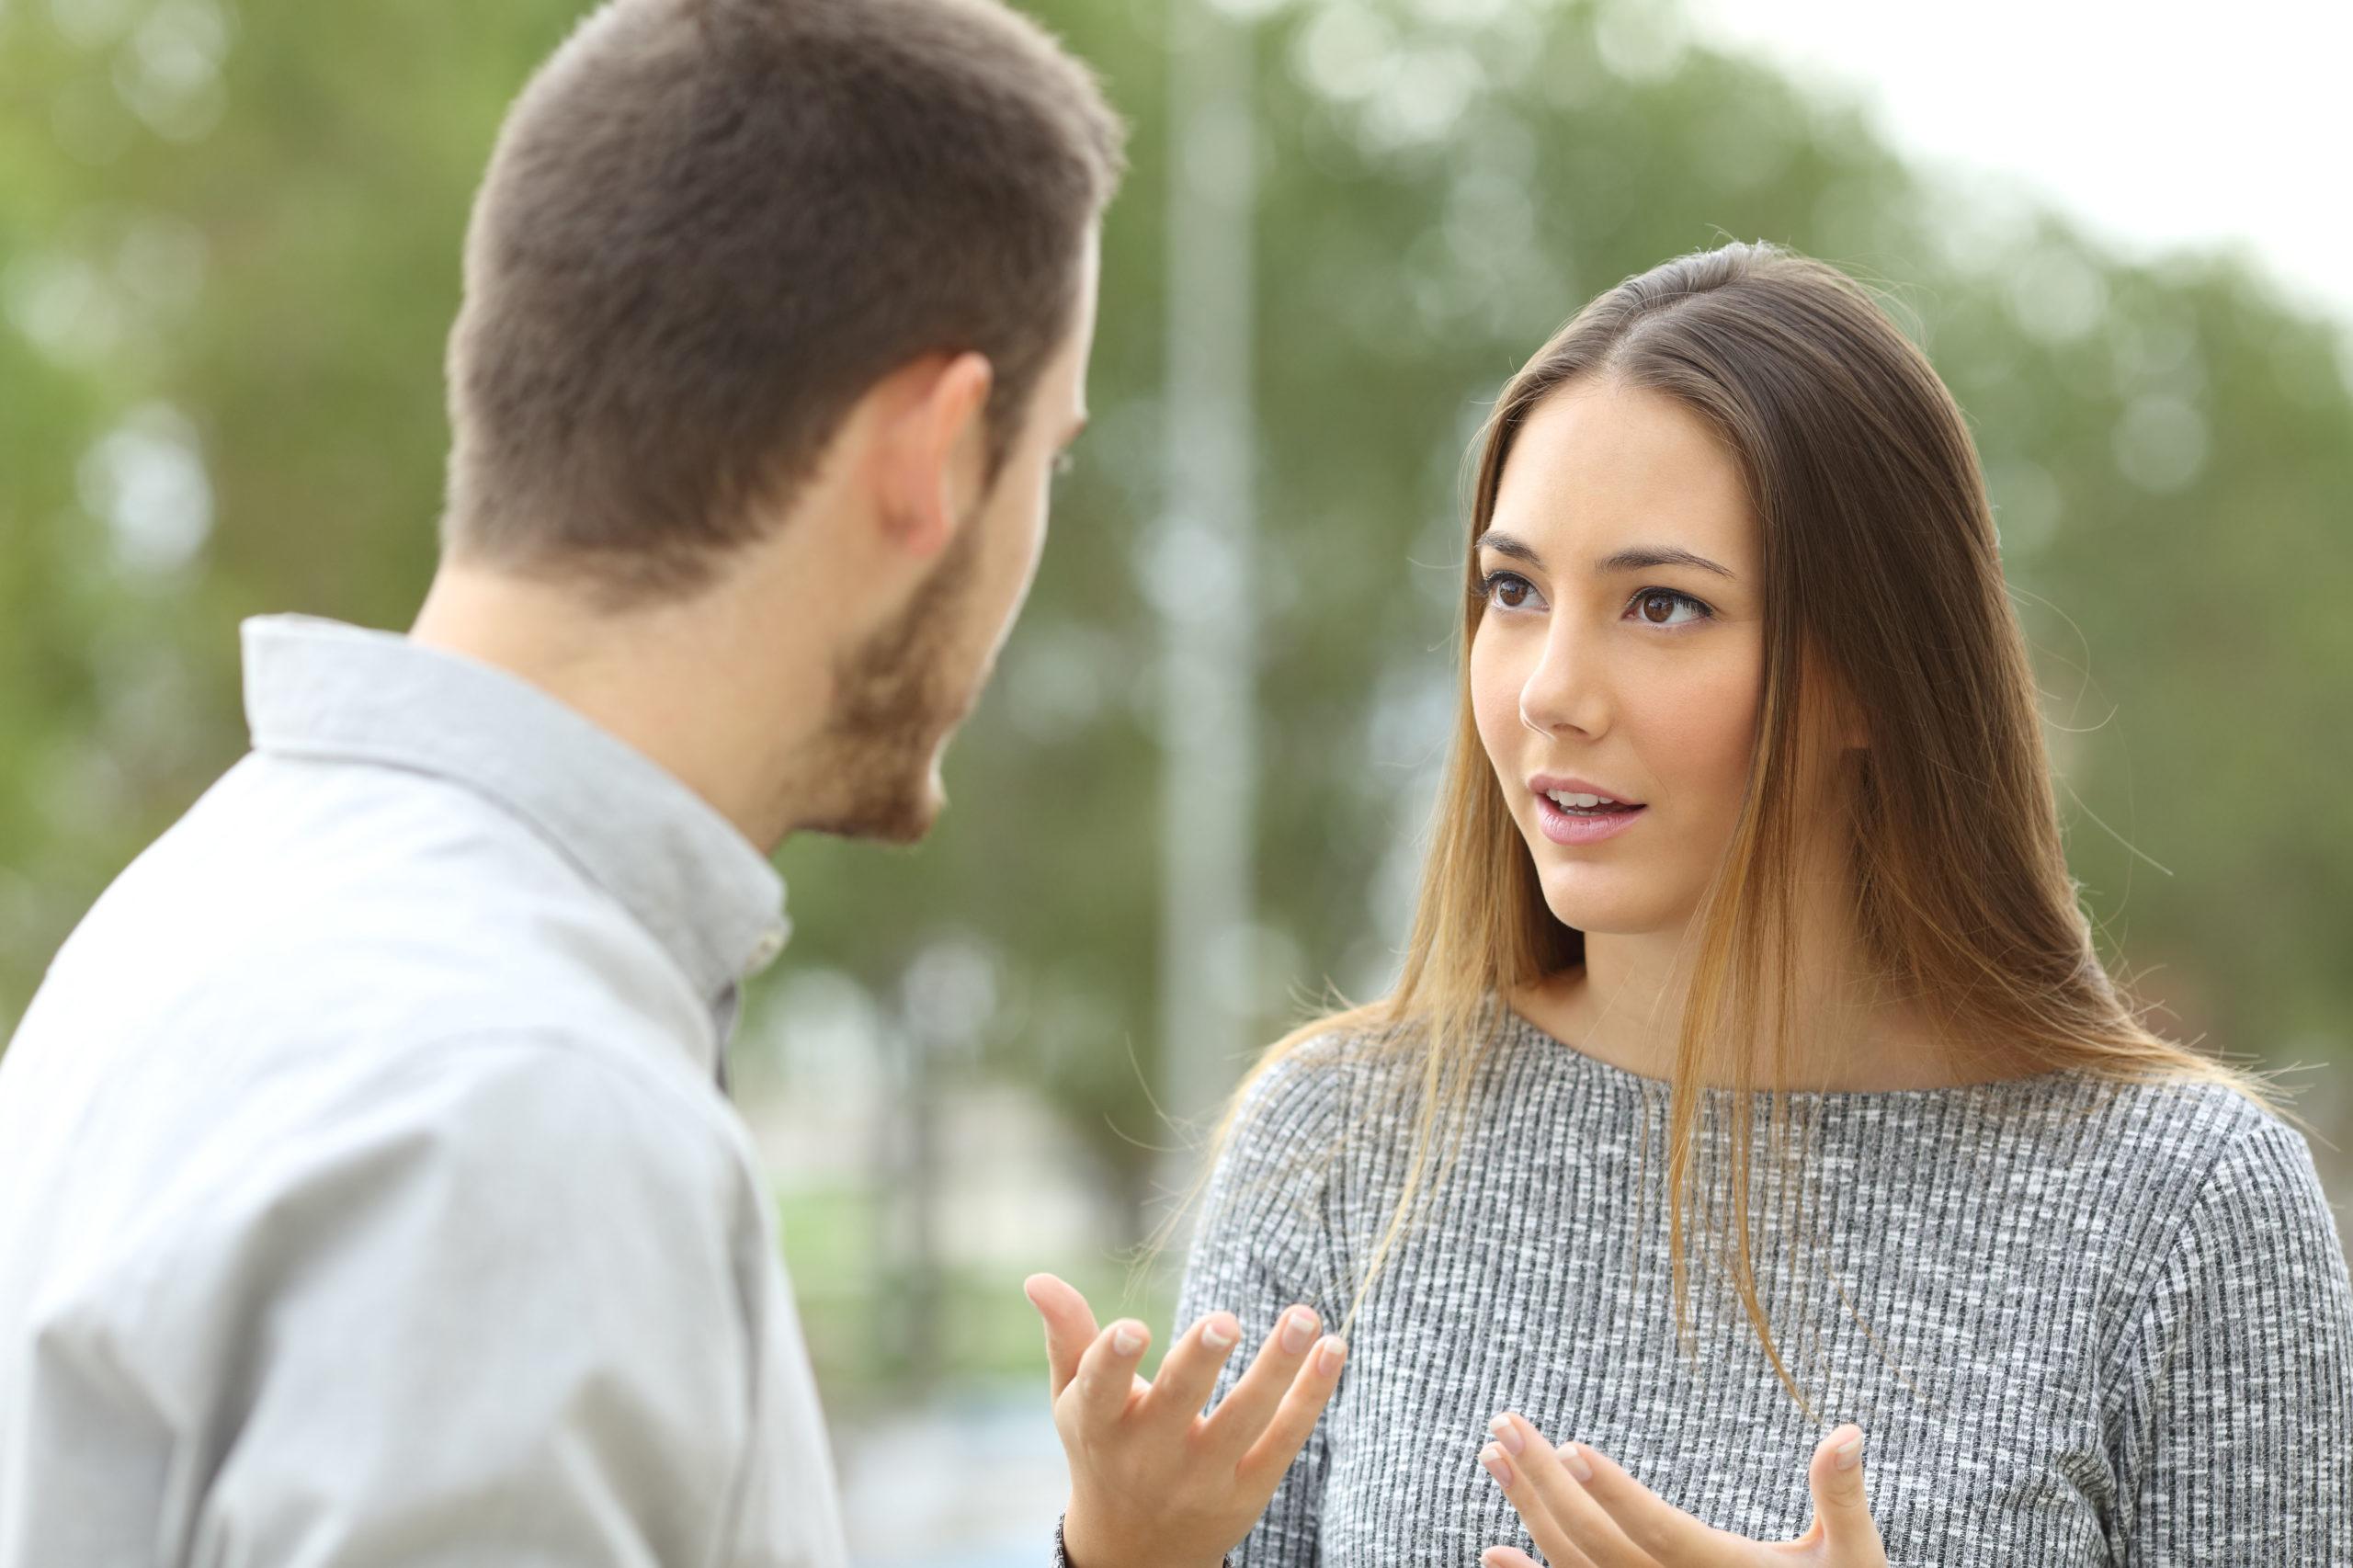 Liebesharmonie statt Beziehungsstress